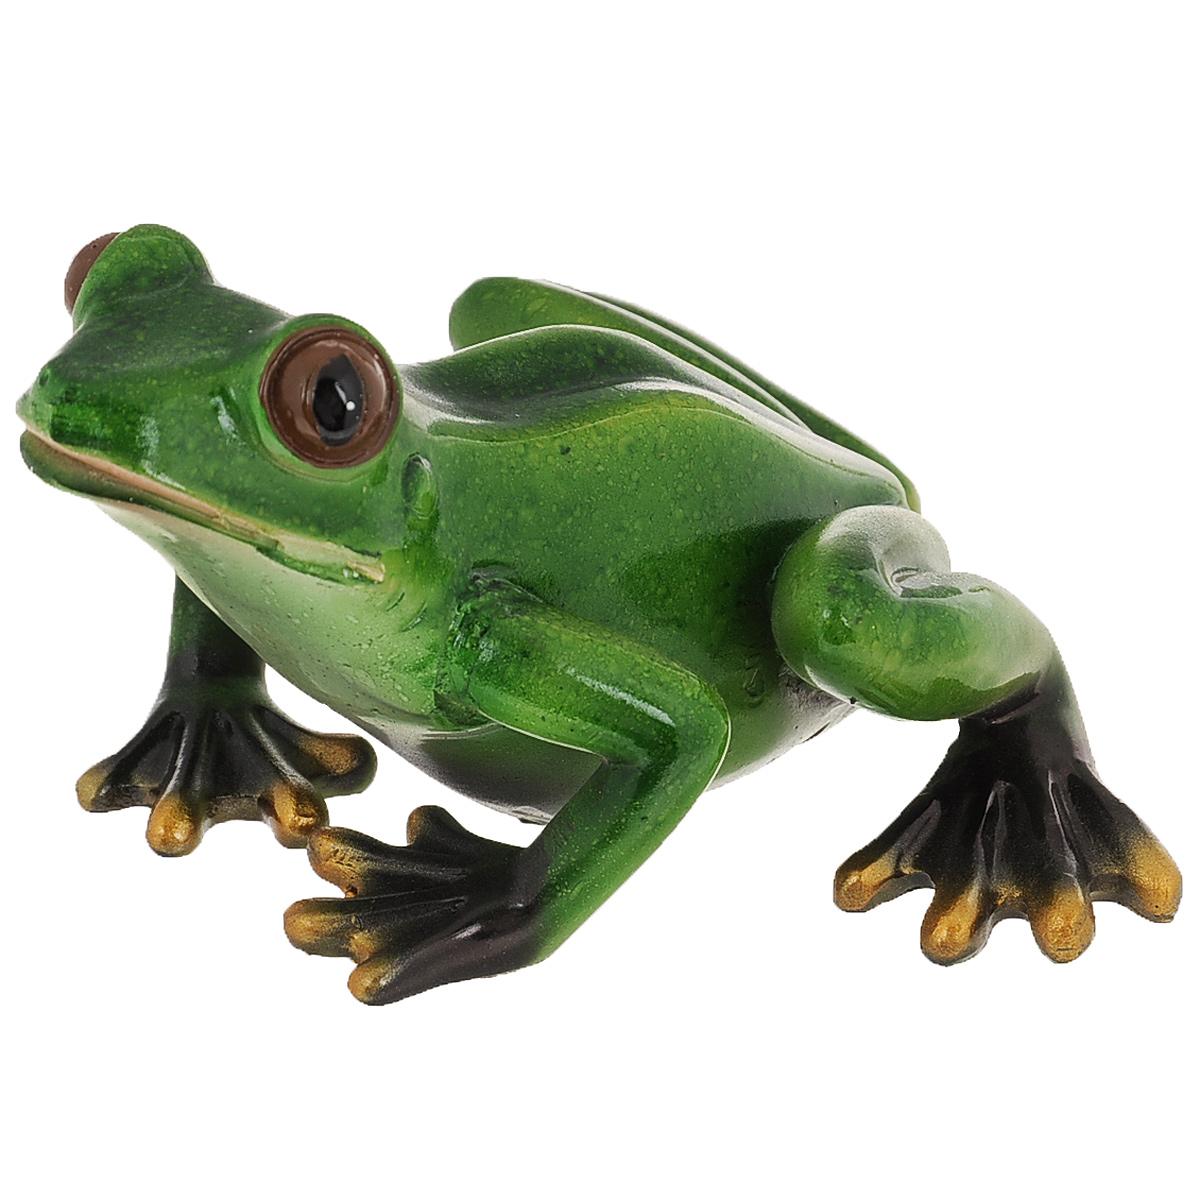 Статуэтка Molento Зеленая лягушка, высота 7,7 см статуэтки molento статуэтка дама в пальто